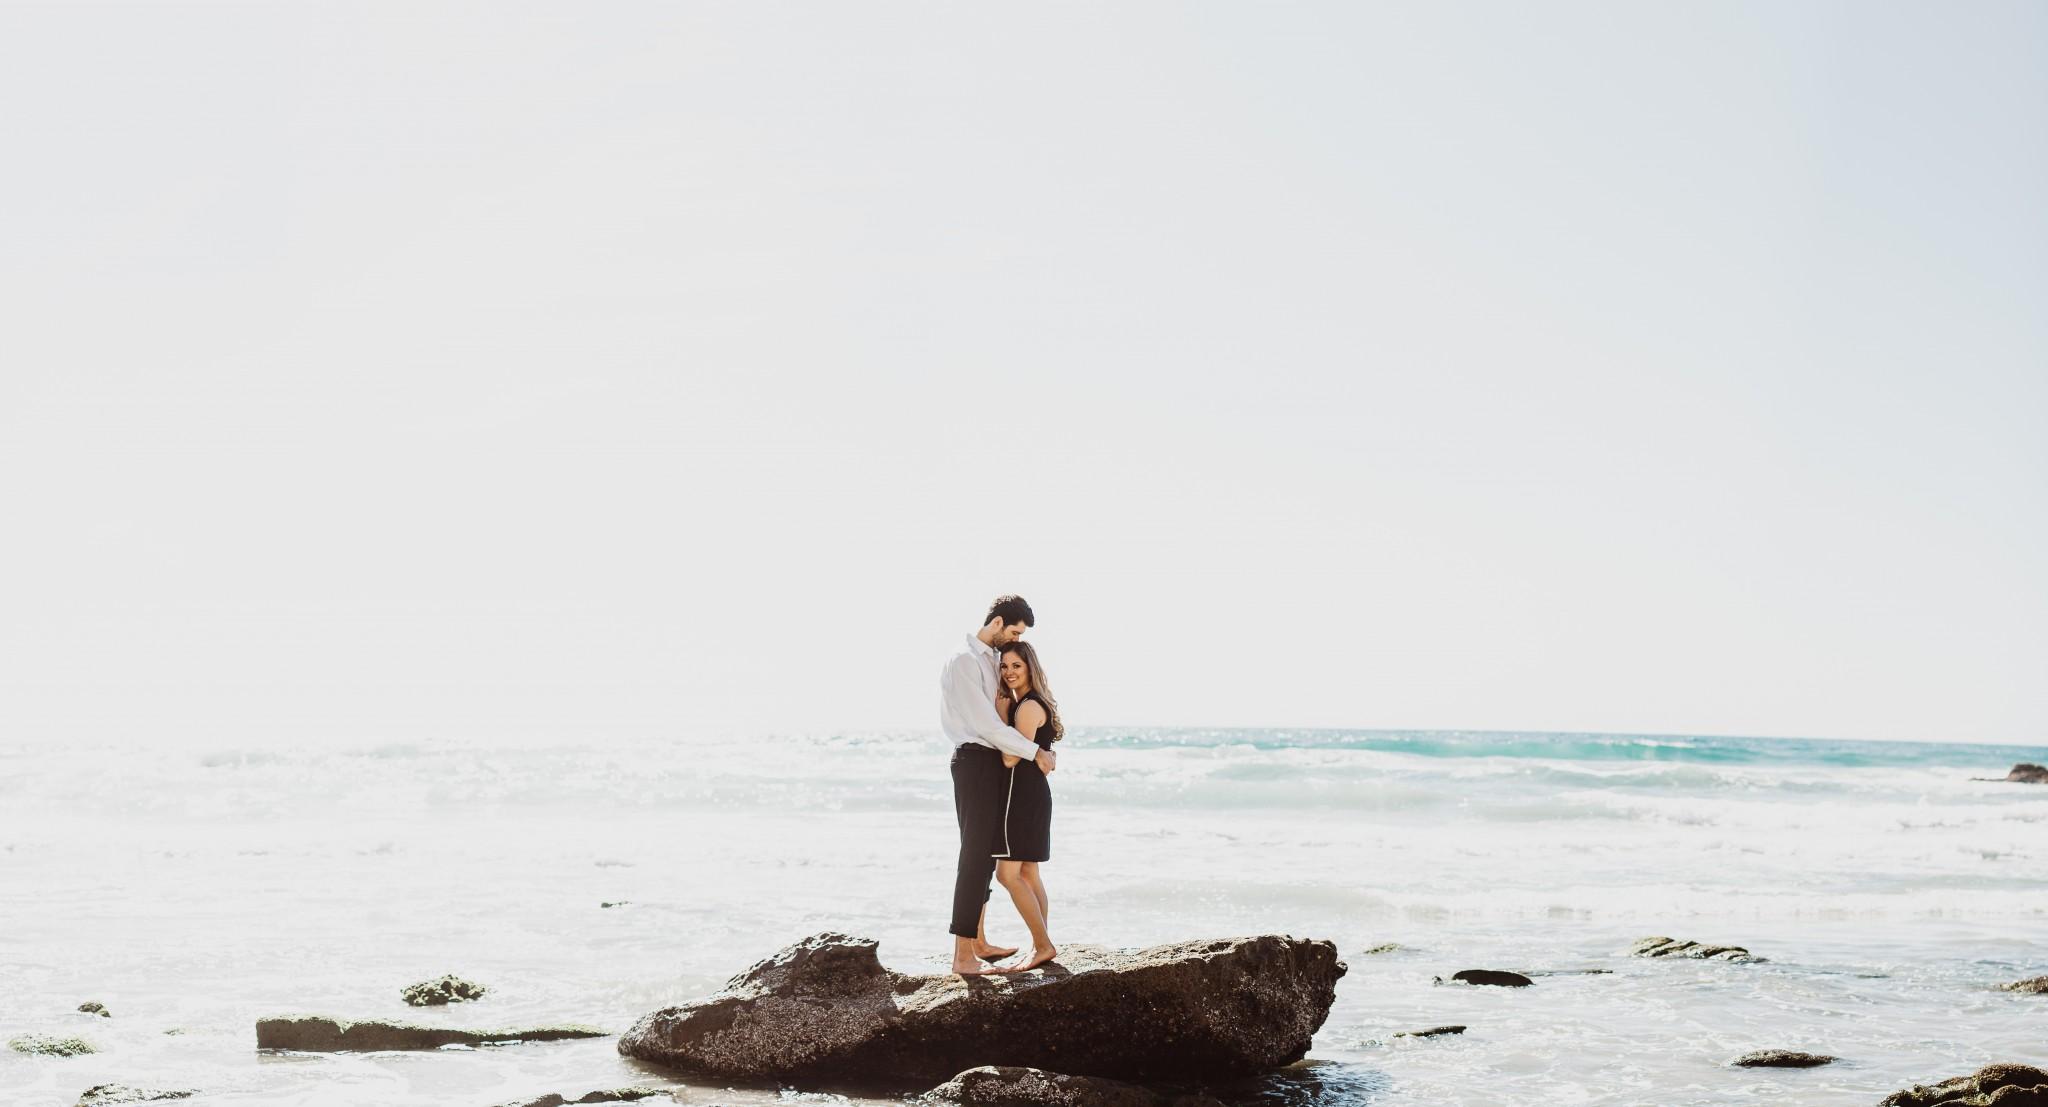 EricBrooke-Engaged_stevecowellphoto-59.jpg